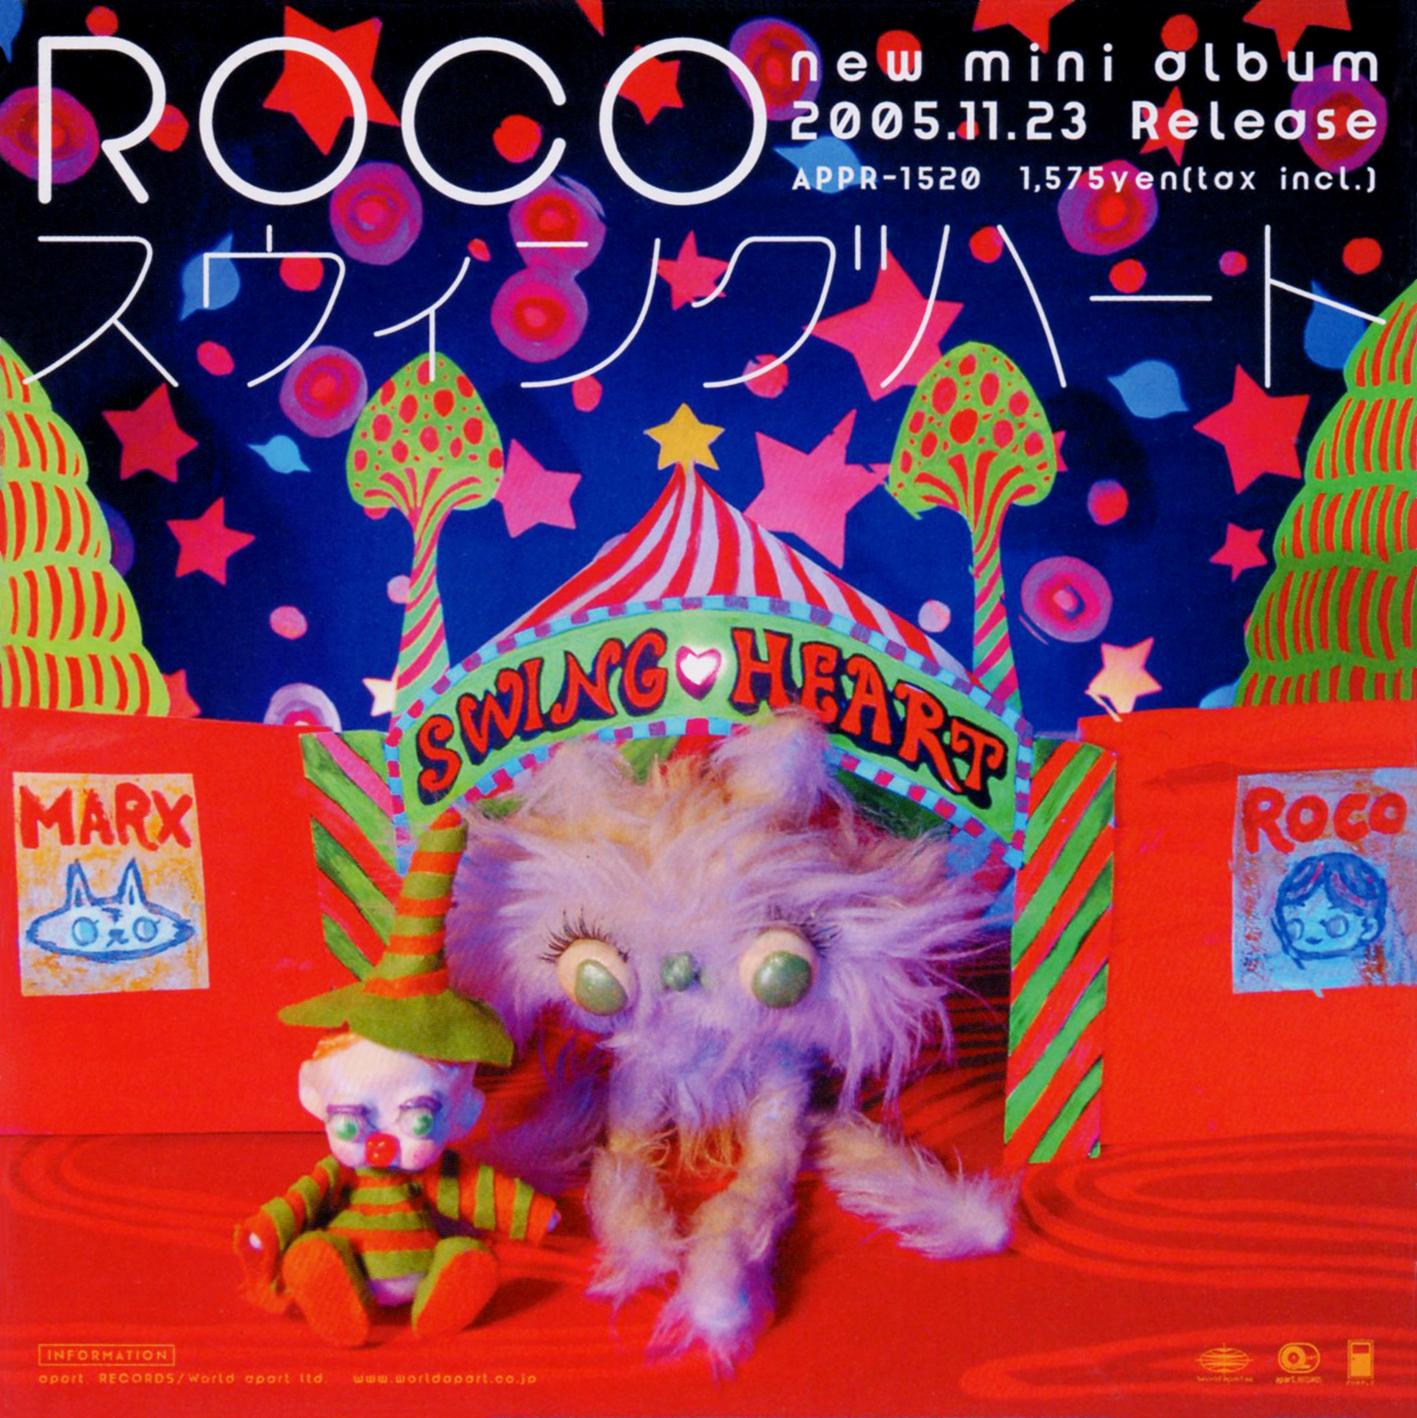 ROCO (ろこ) 3rdミニアルバム『スウィングハート』(プロモ盤) 高画質CDジャケット画像